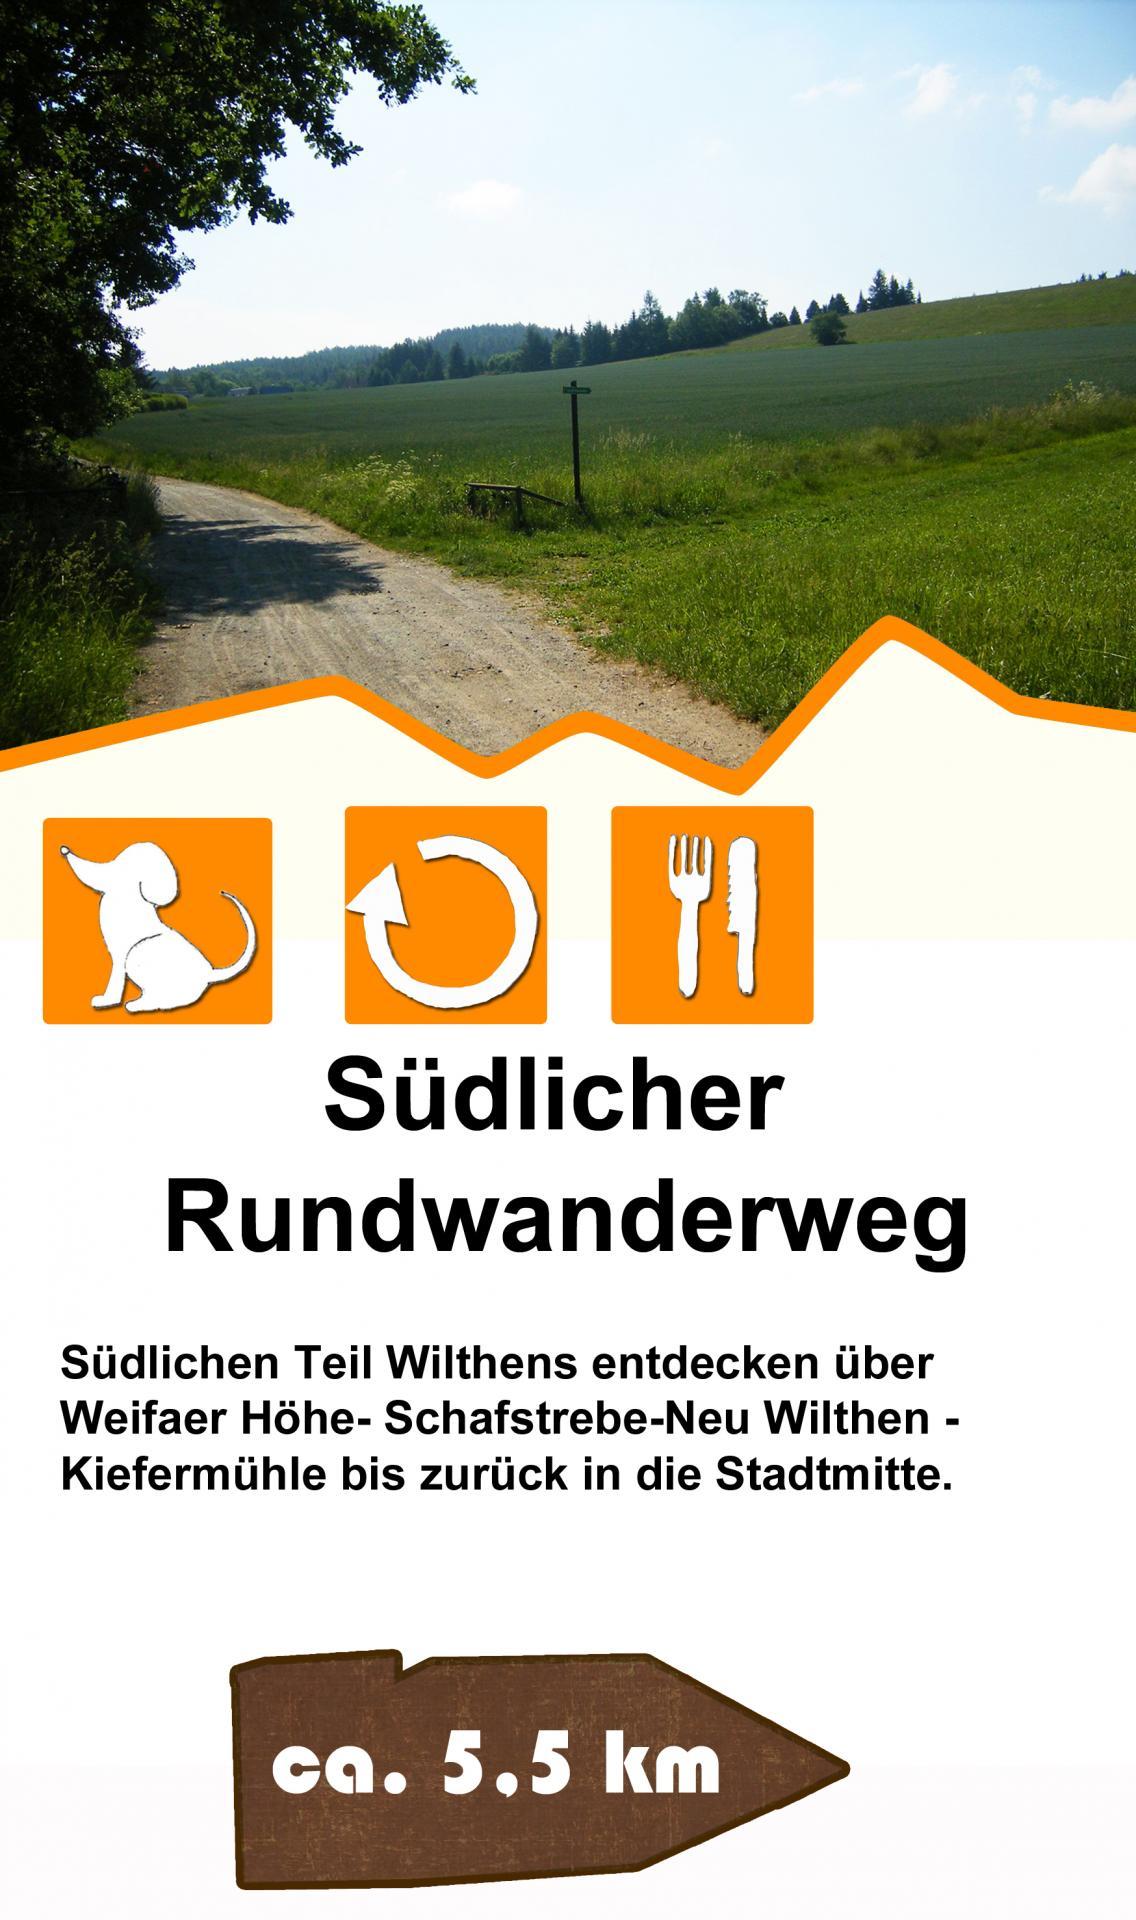 Südlicher Rundwanderweg